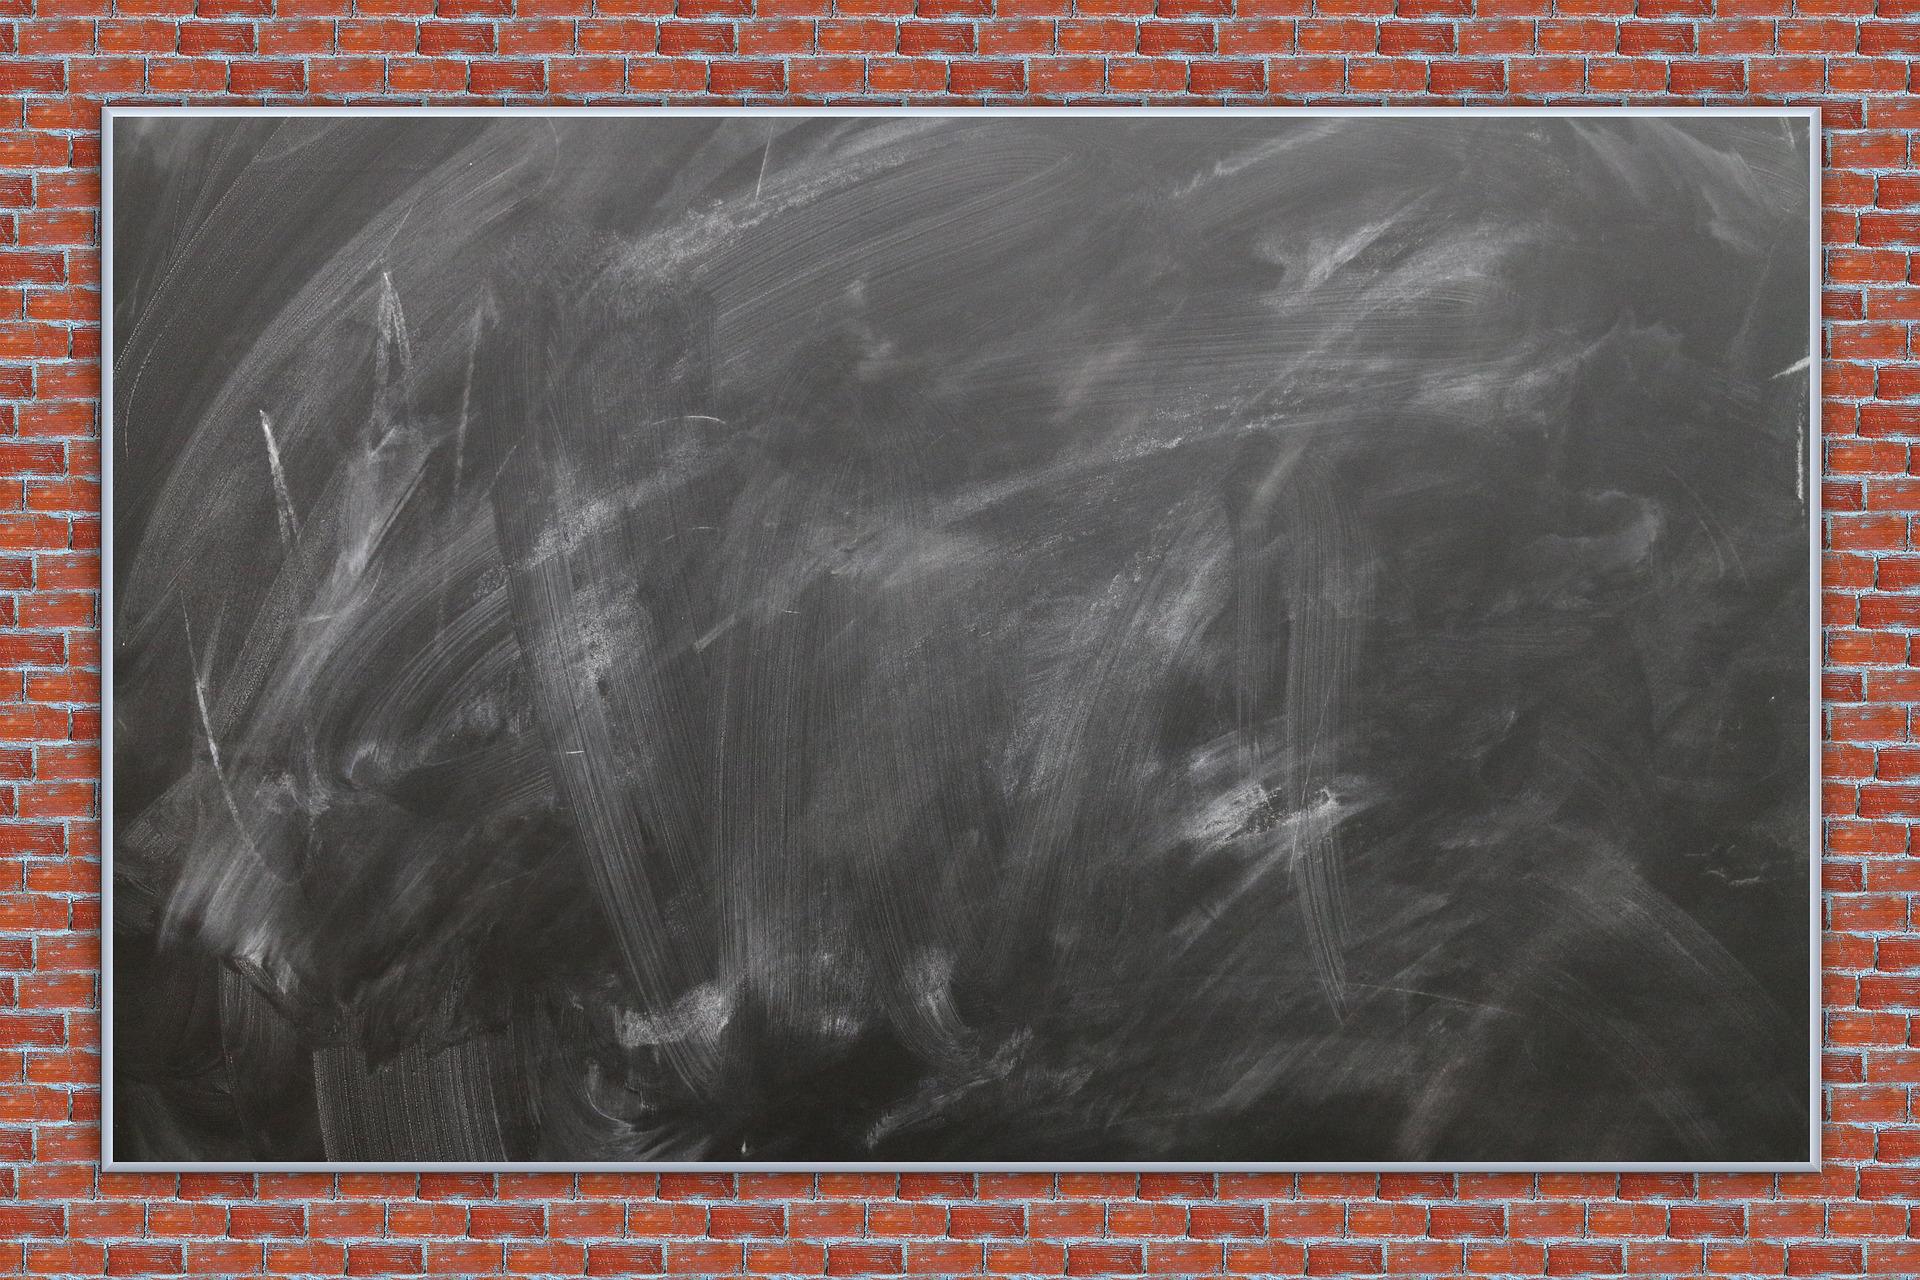 הכנסה למסגרות והפגיעה במורים…